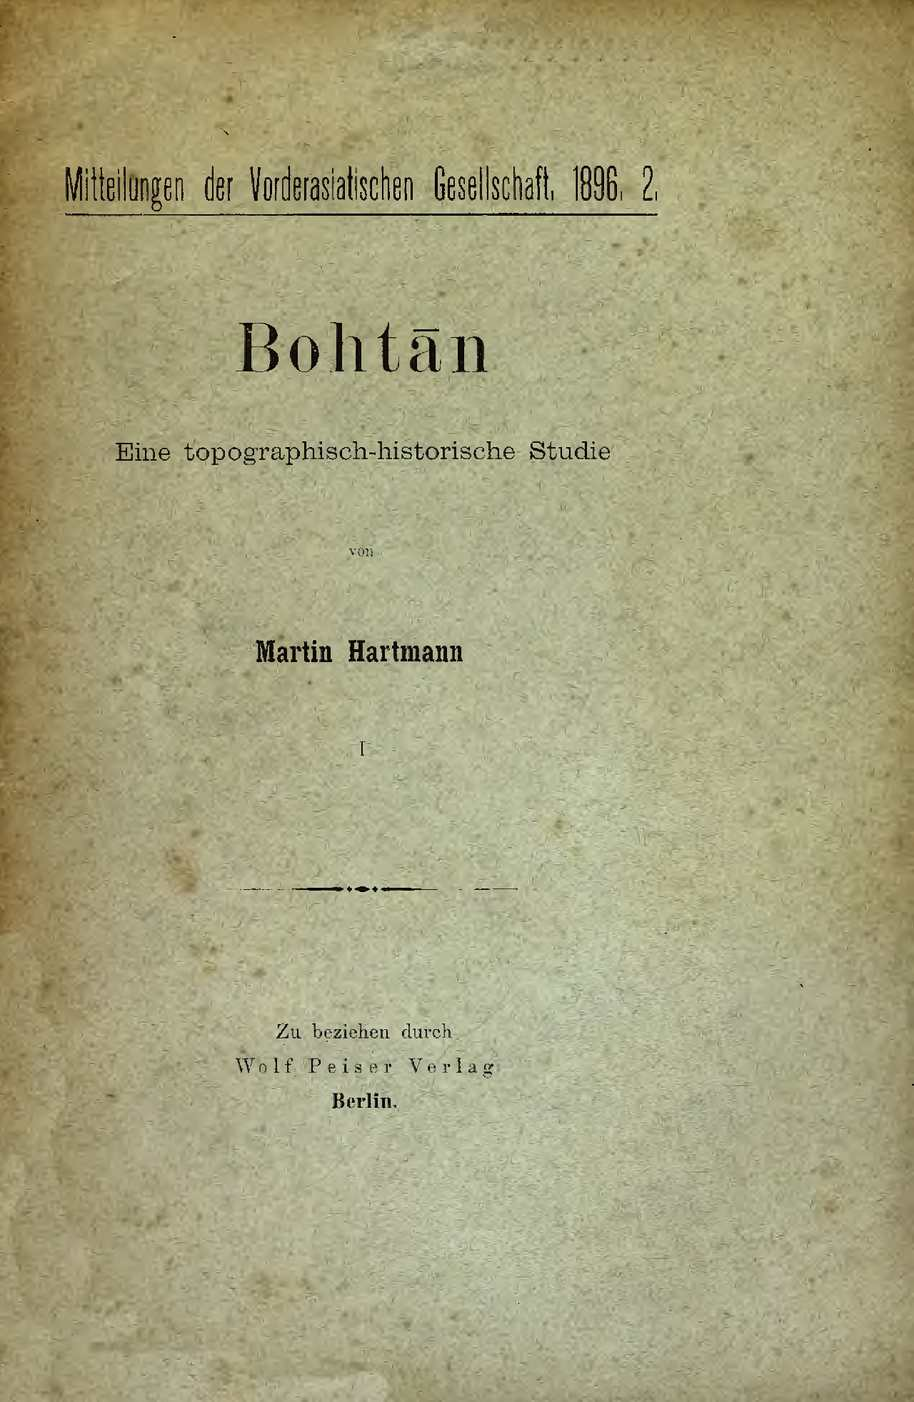 Bohtan - eine topographisch-historische studie I